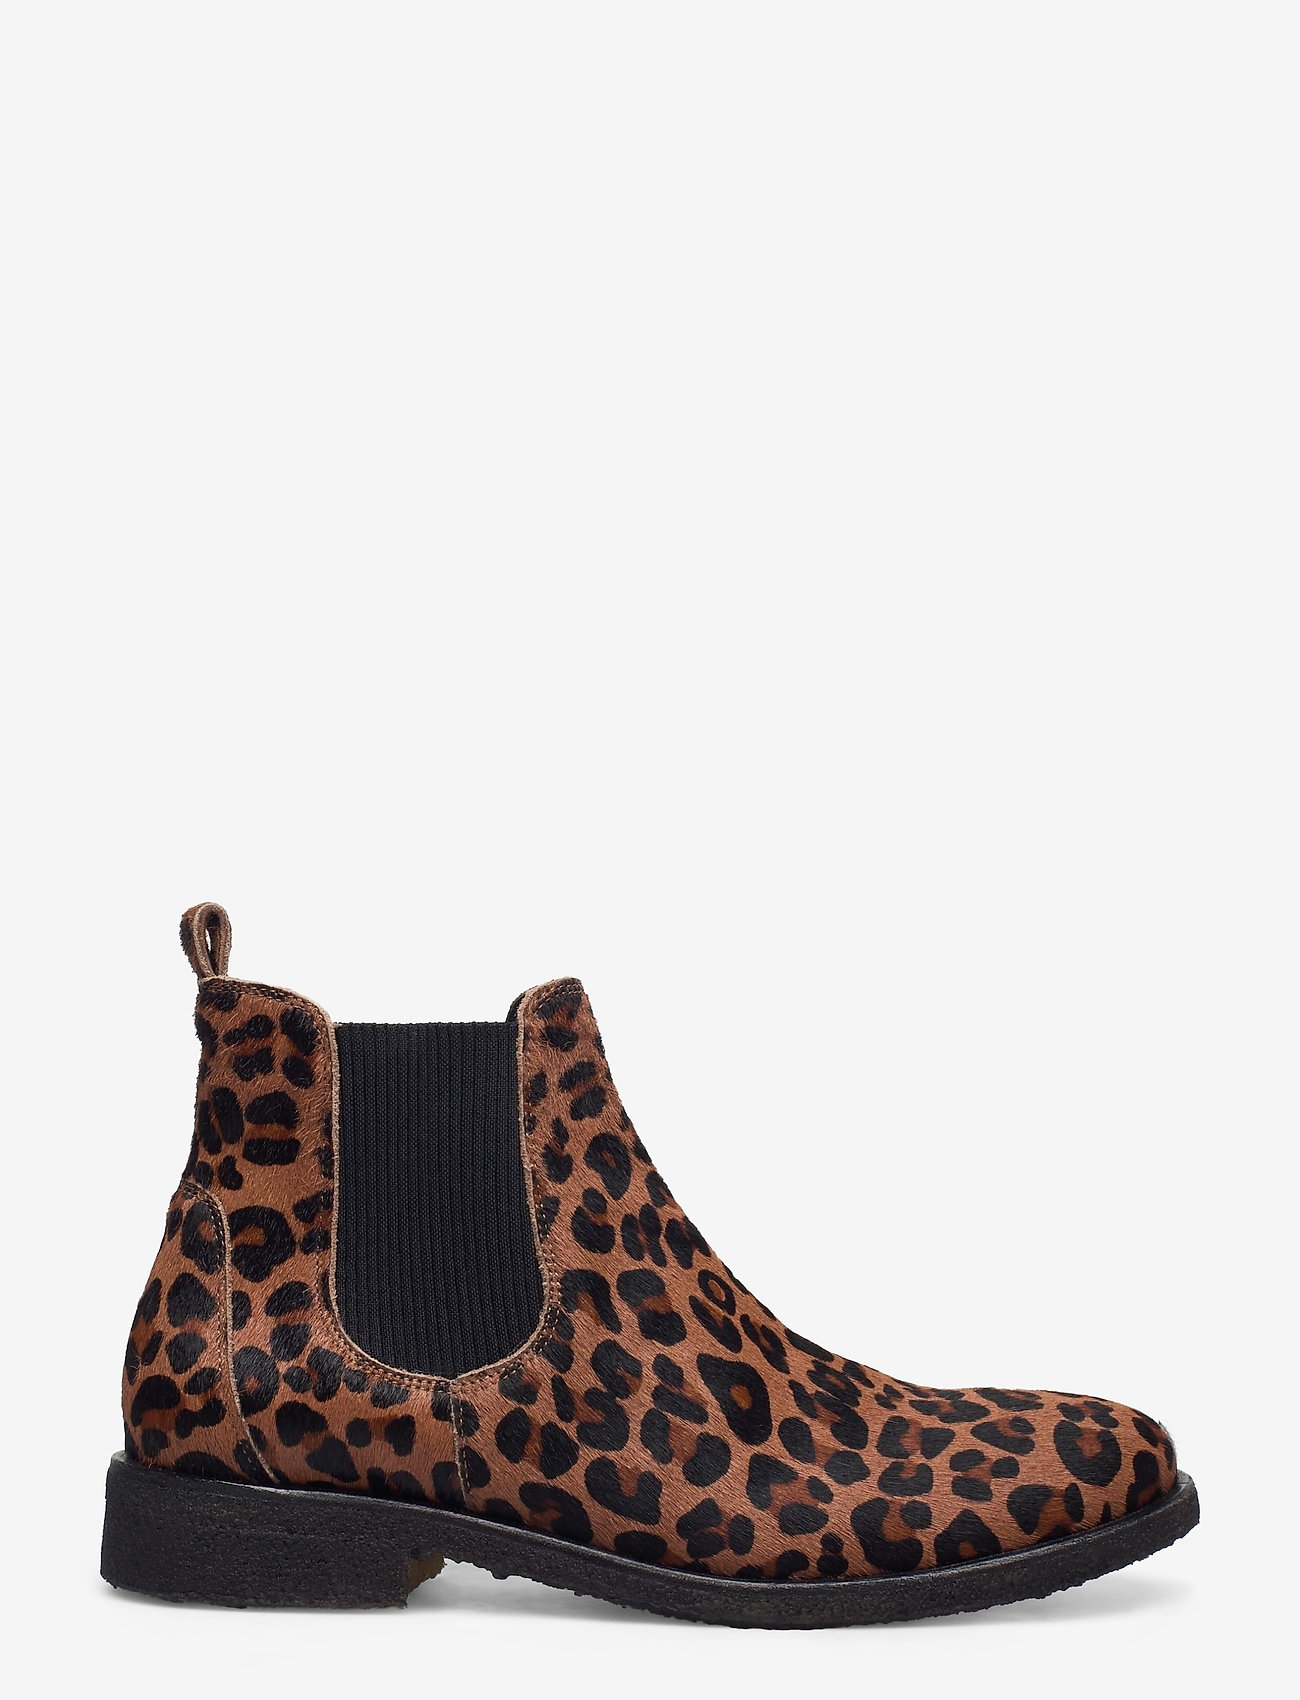 ANGULUS - Chelsea boot - chelsea støvler - 1110/019 leopard/elastic - 1